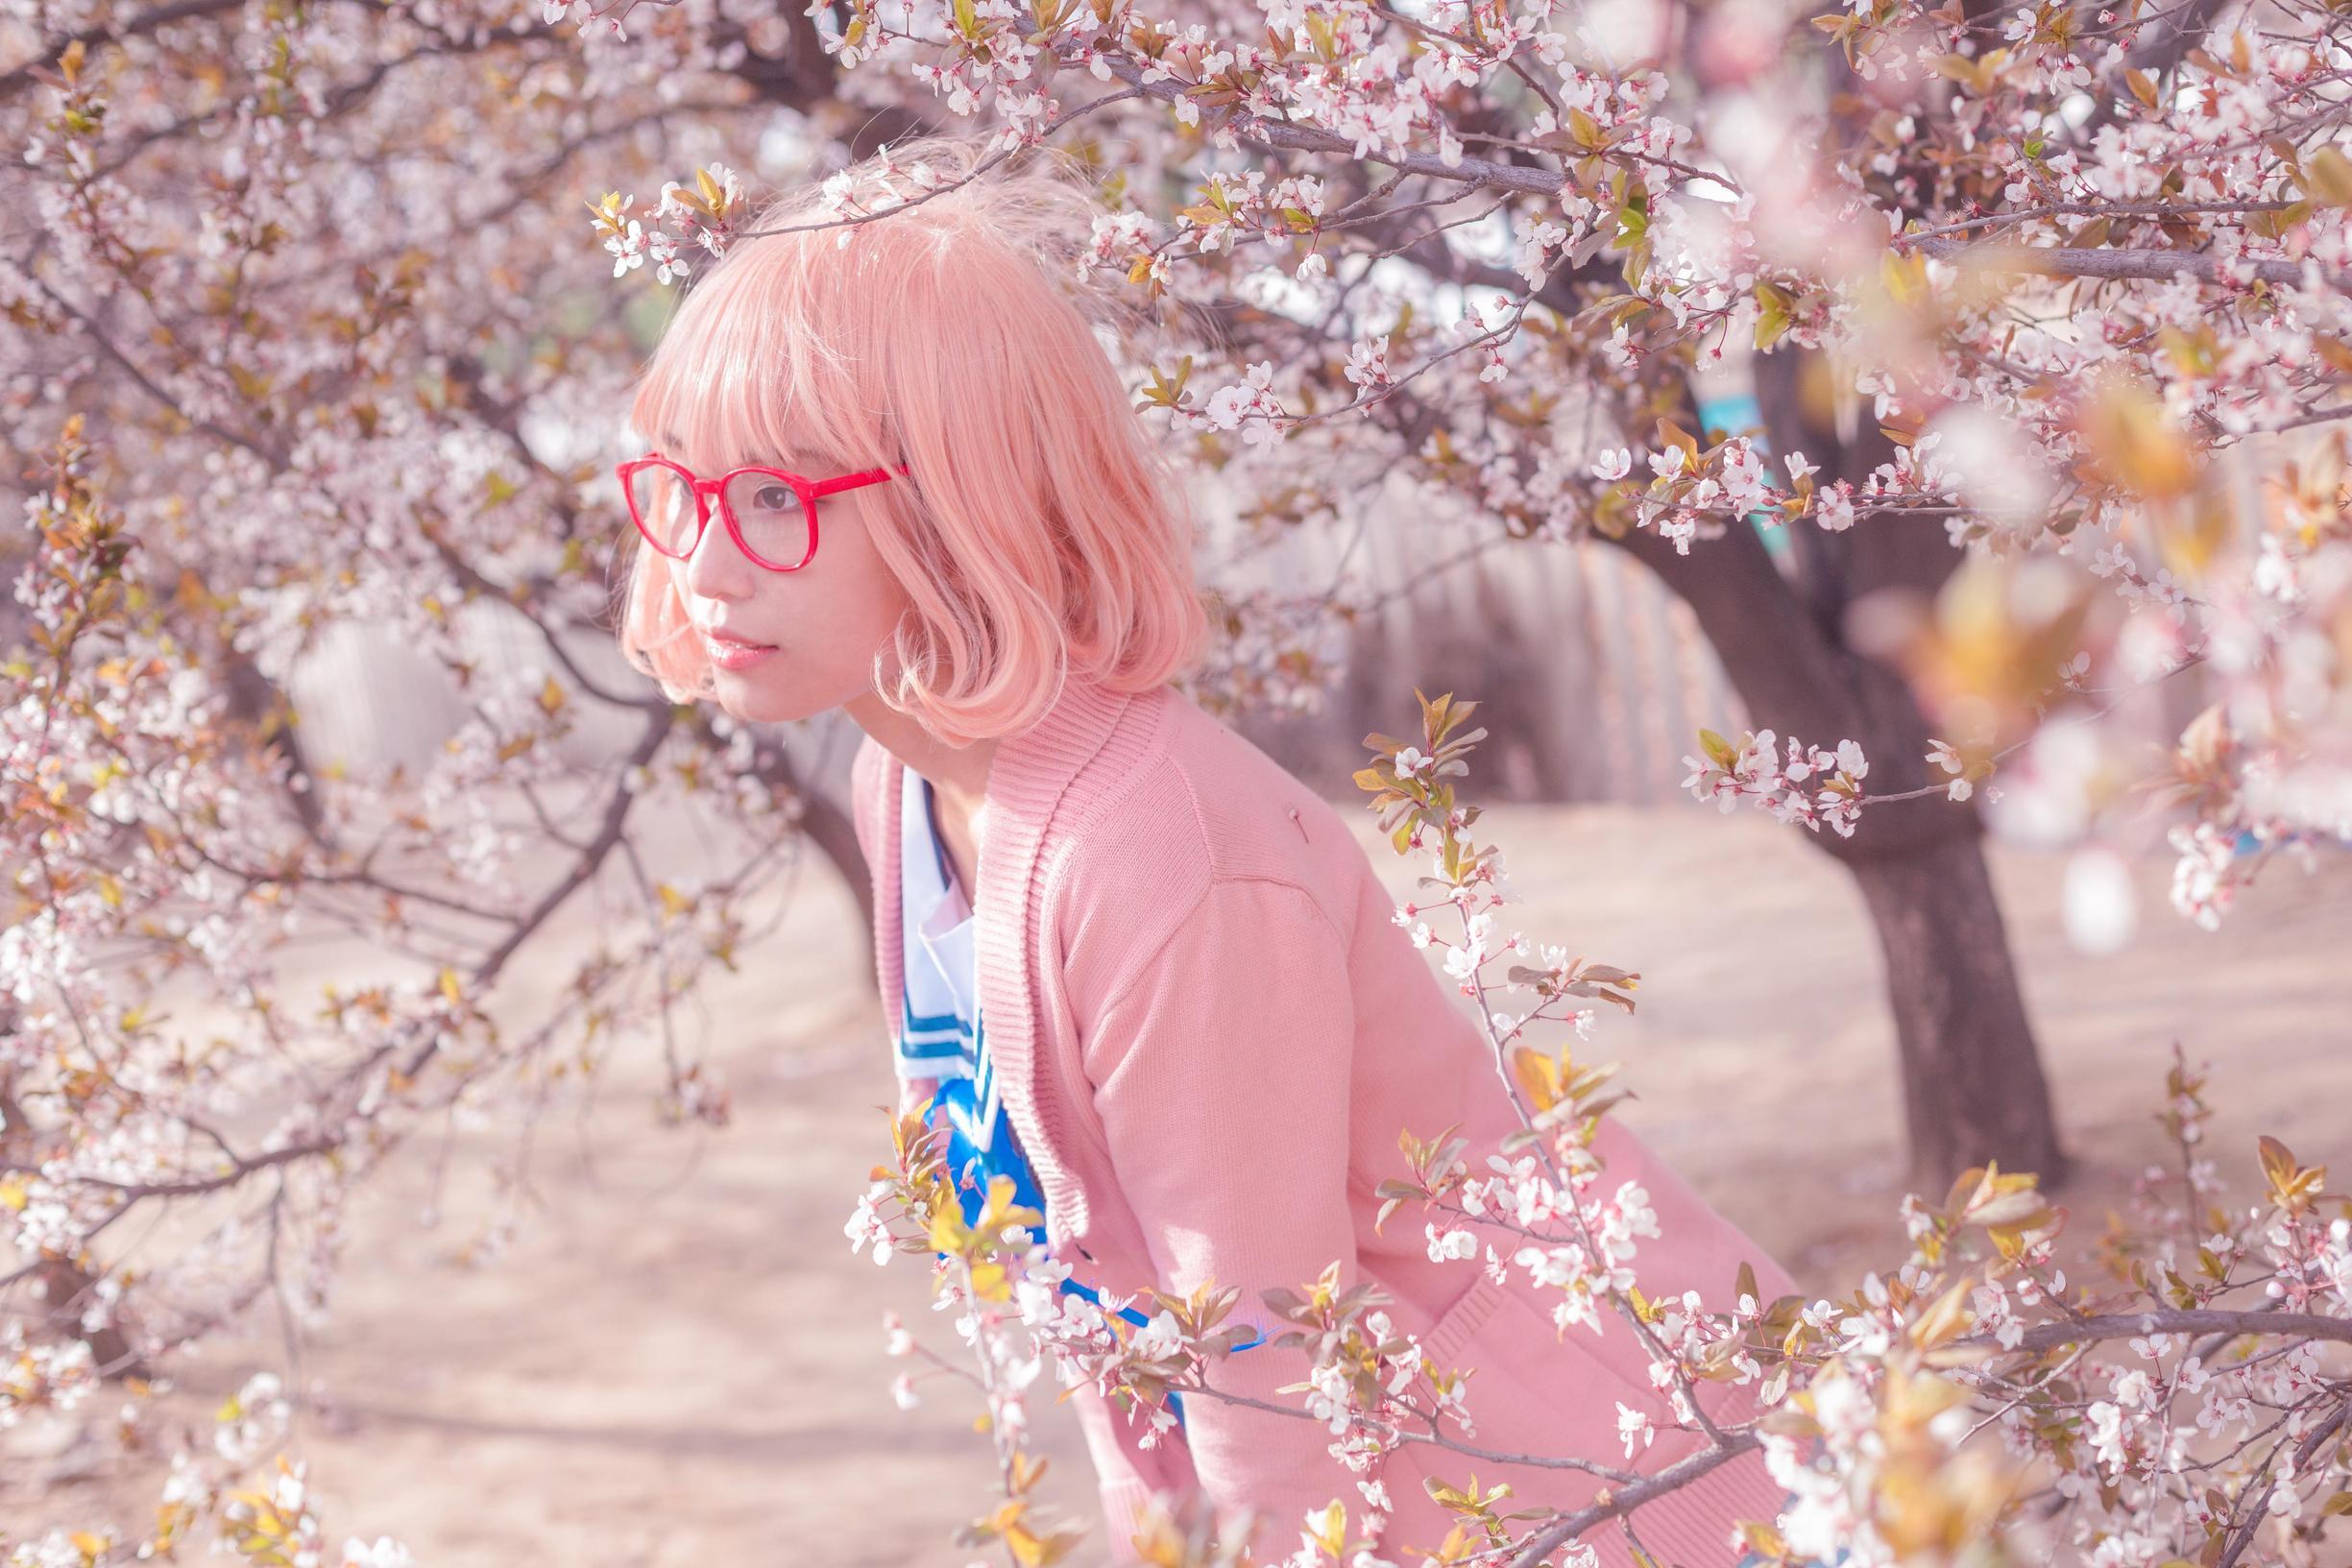 《境界的彼方》正片cosplay【CN:Kanna鹤见】-第10张